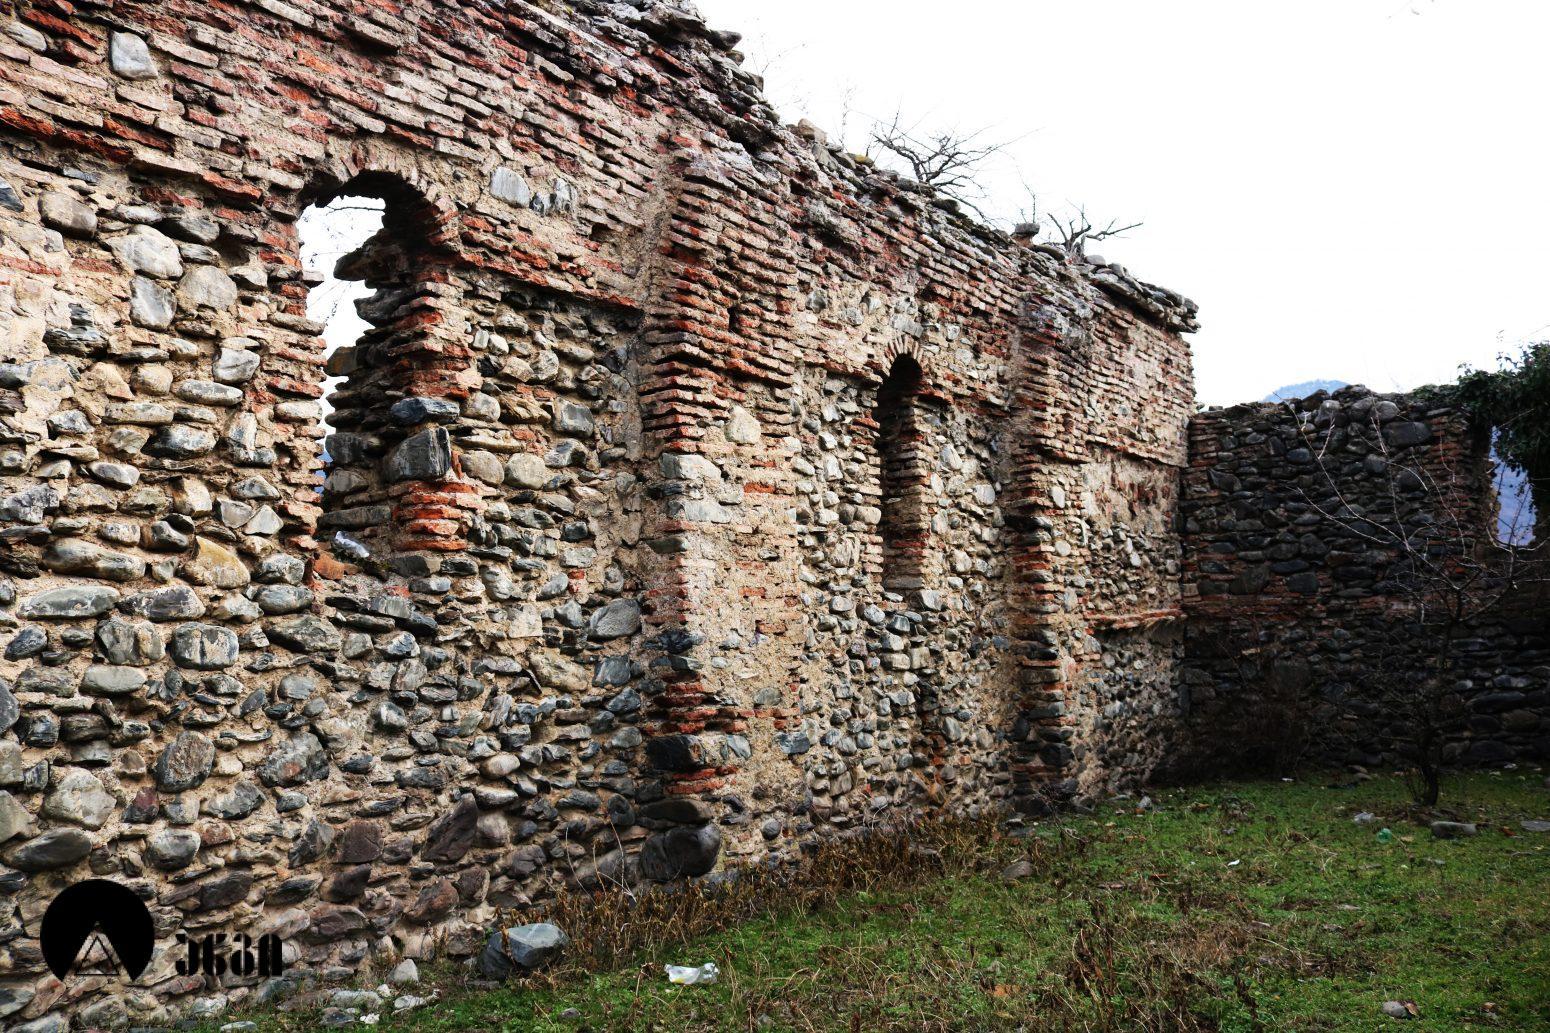 ვეძისხევის გვიანი შუა საუკუნეების კომპლექსი